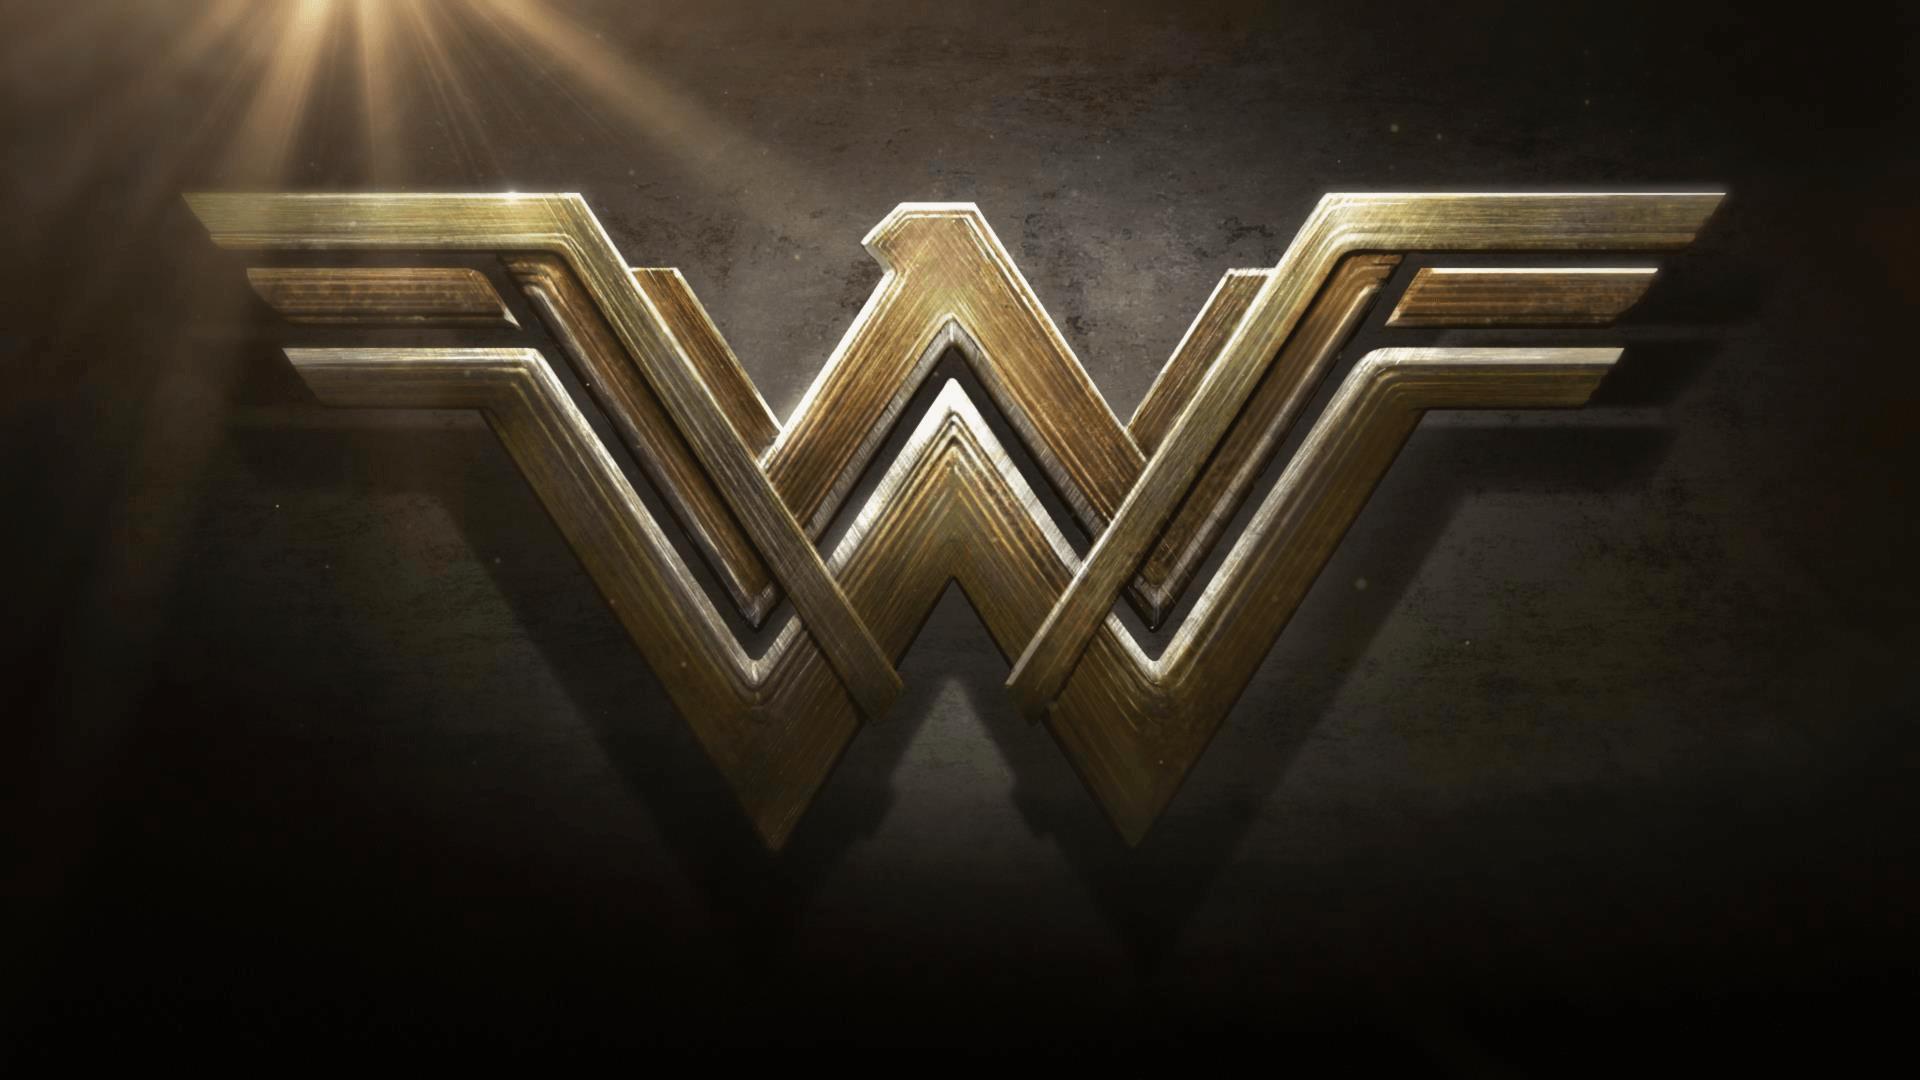 Wonder Woman Logos